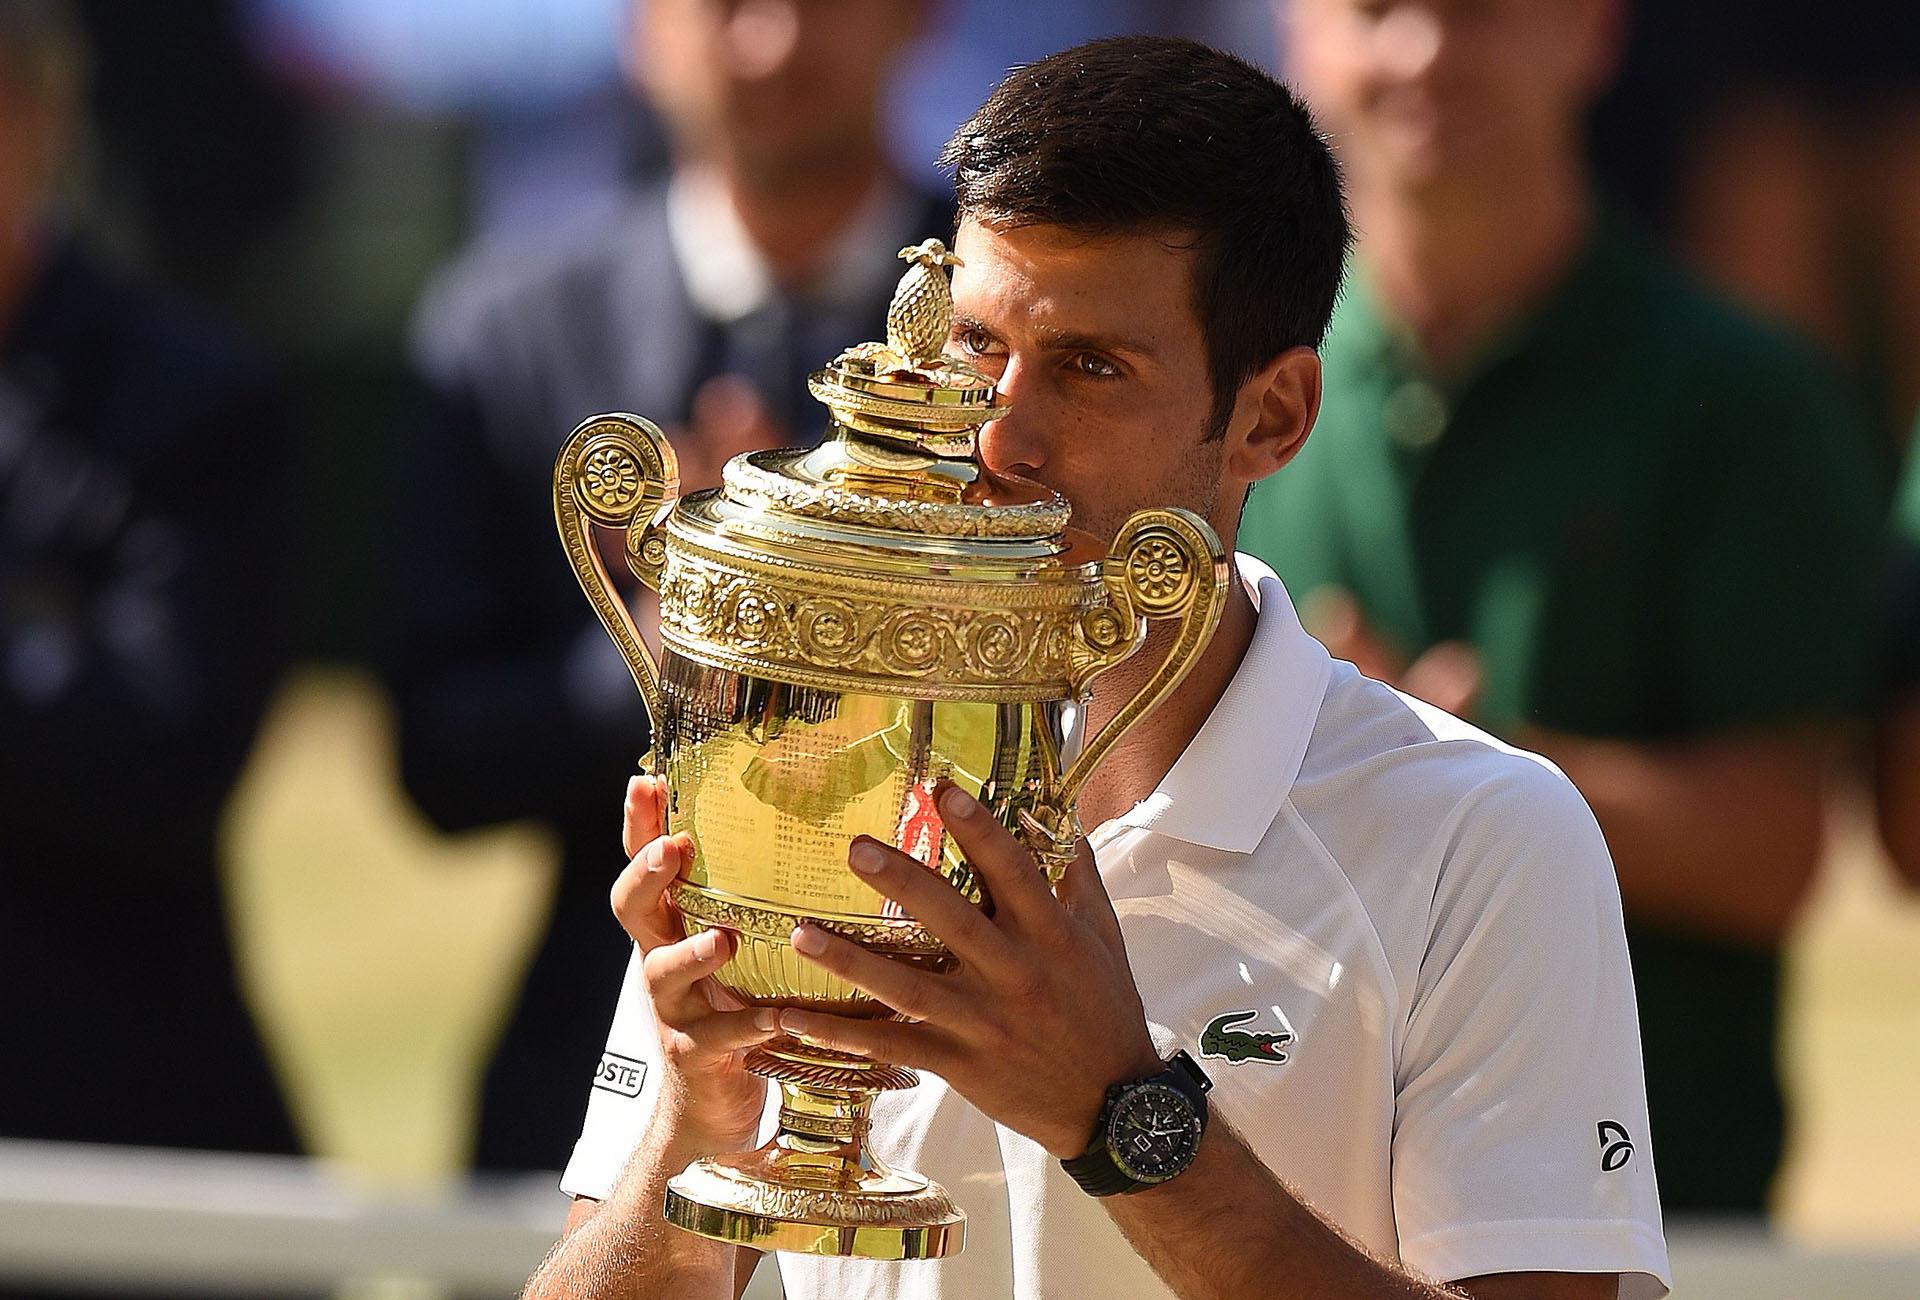 El tenista serbio Novak Djokovic superó al sudafricano Kevin Anderson y se consagró campeón de Wimbledon por cuarta vez el 15 de julio